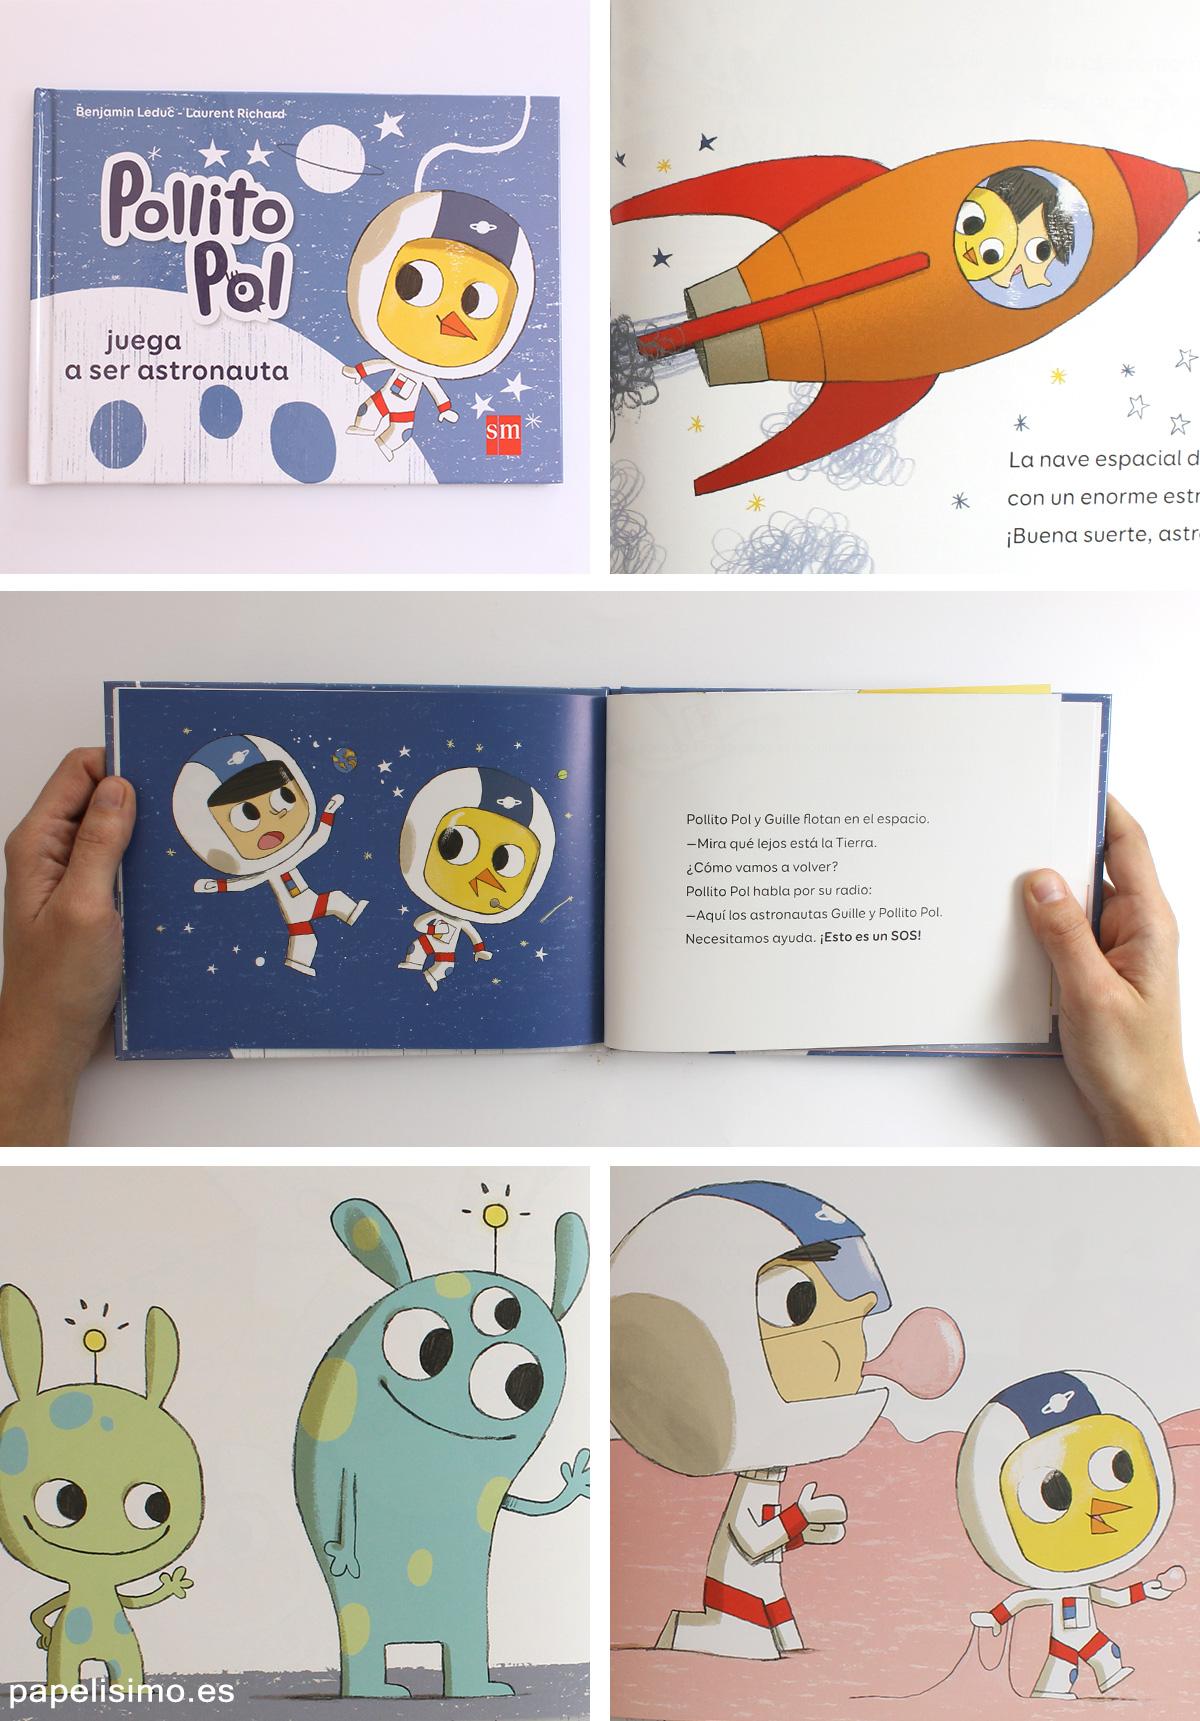 Pollito-Pol-juega-a-ser-astronauta-Libros-para-niños-profesiones